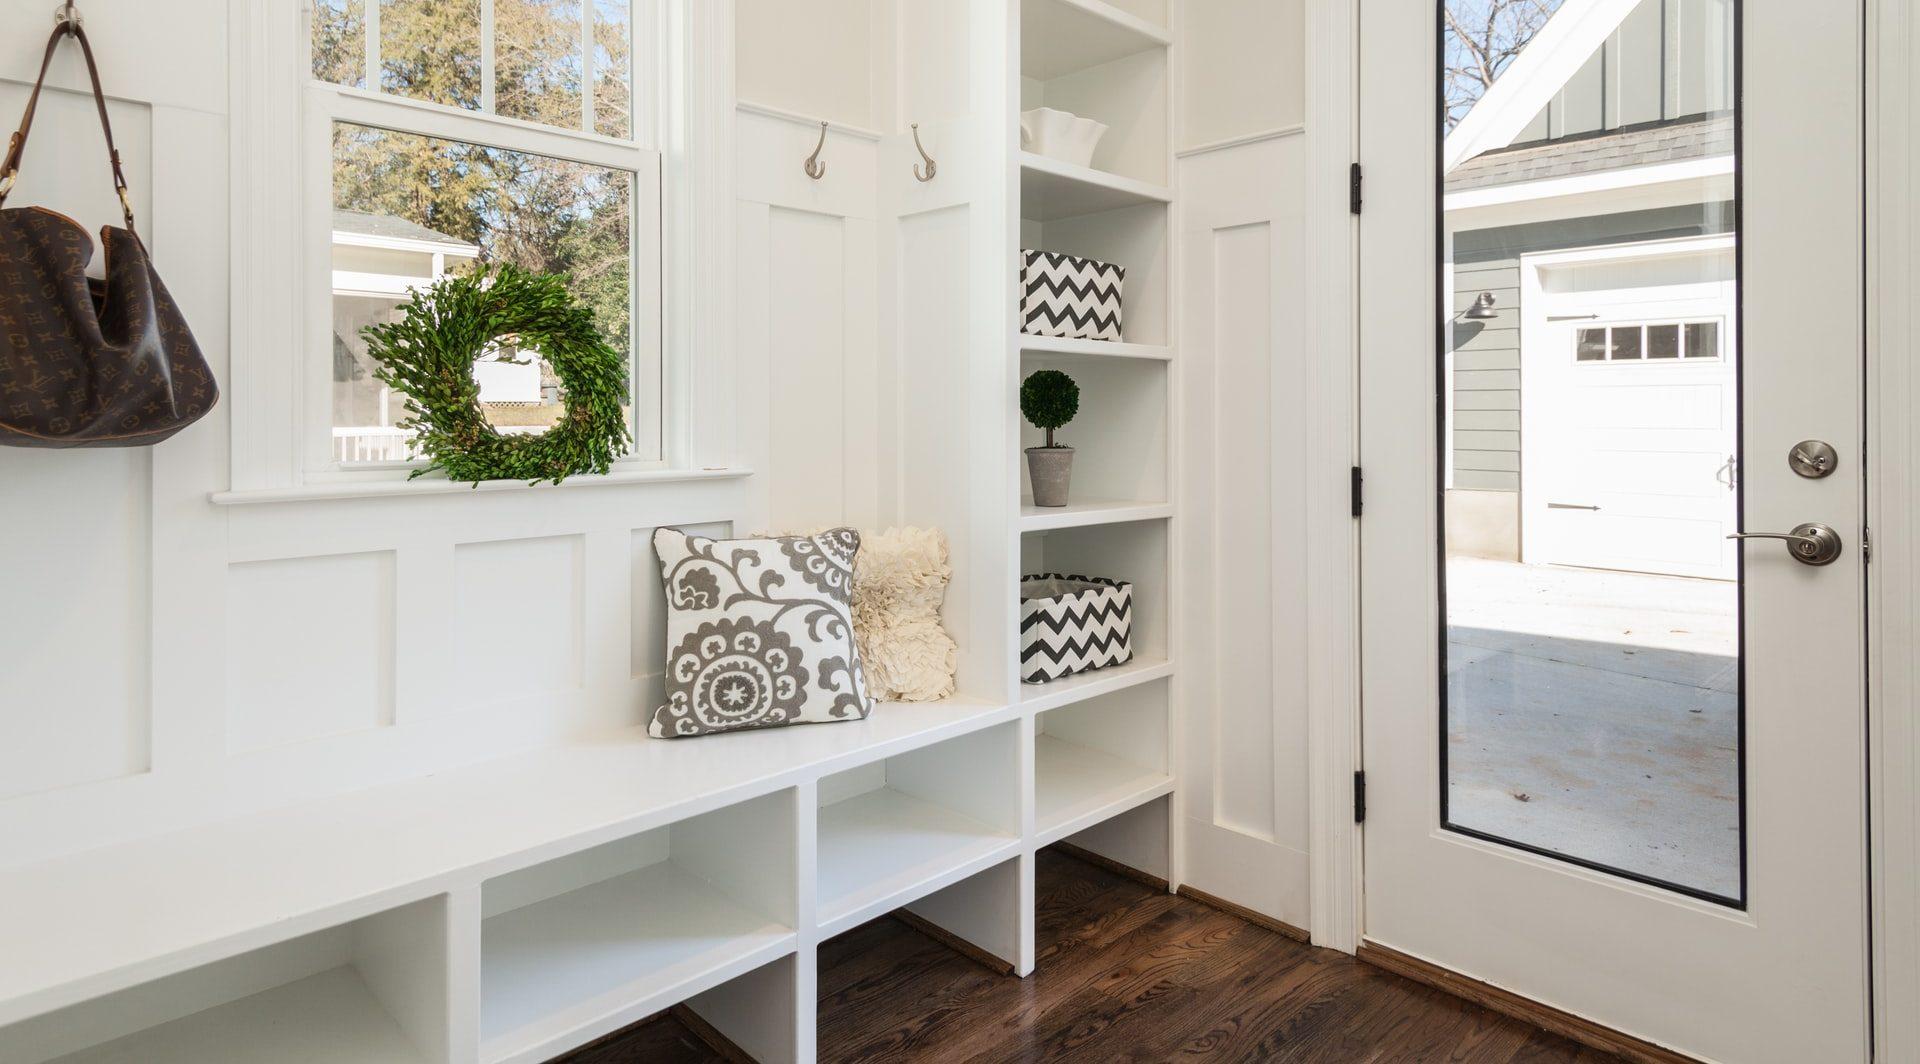 Quadrato o rettangolare, un ingresso ampio pone meno problemi rispetto ad uno piccolo. Idee Per Arredare L Ingresso Di Casa Brokey